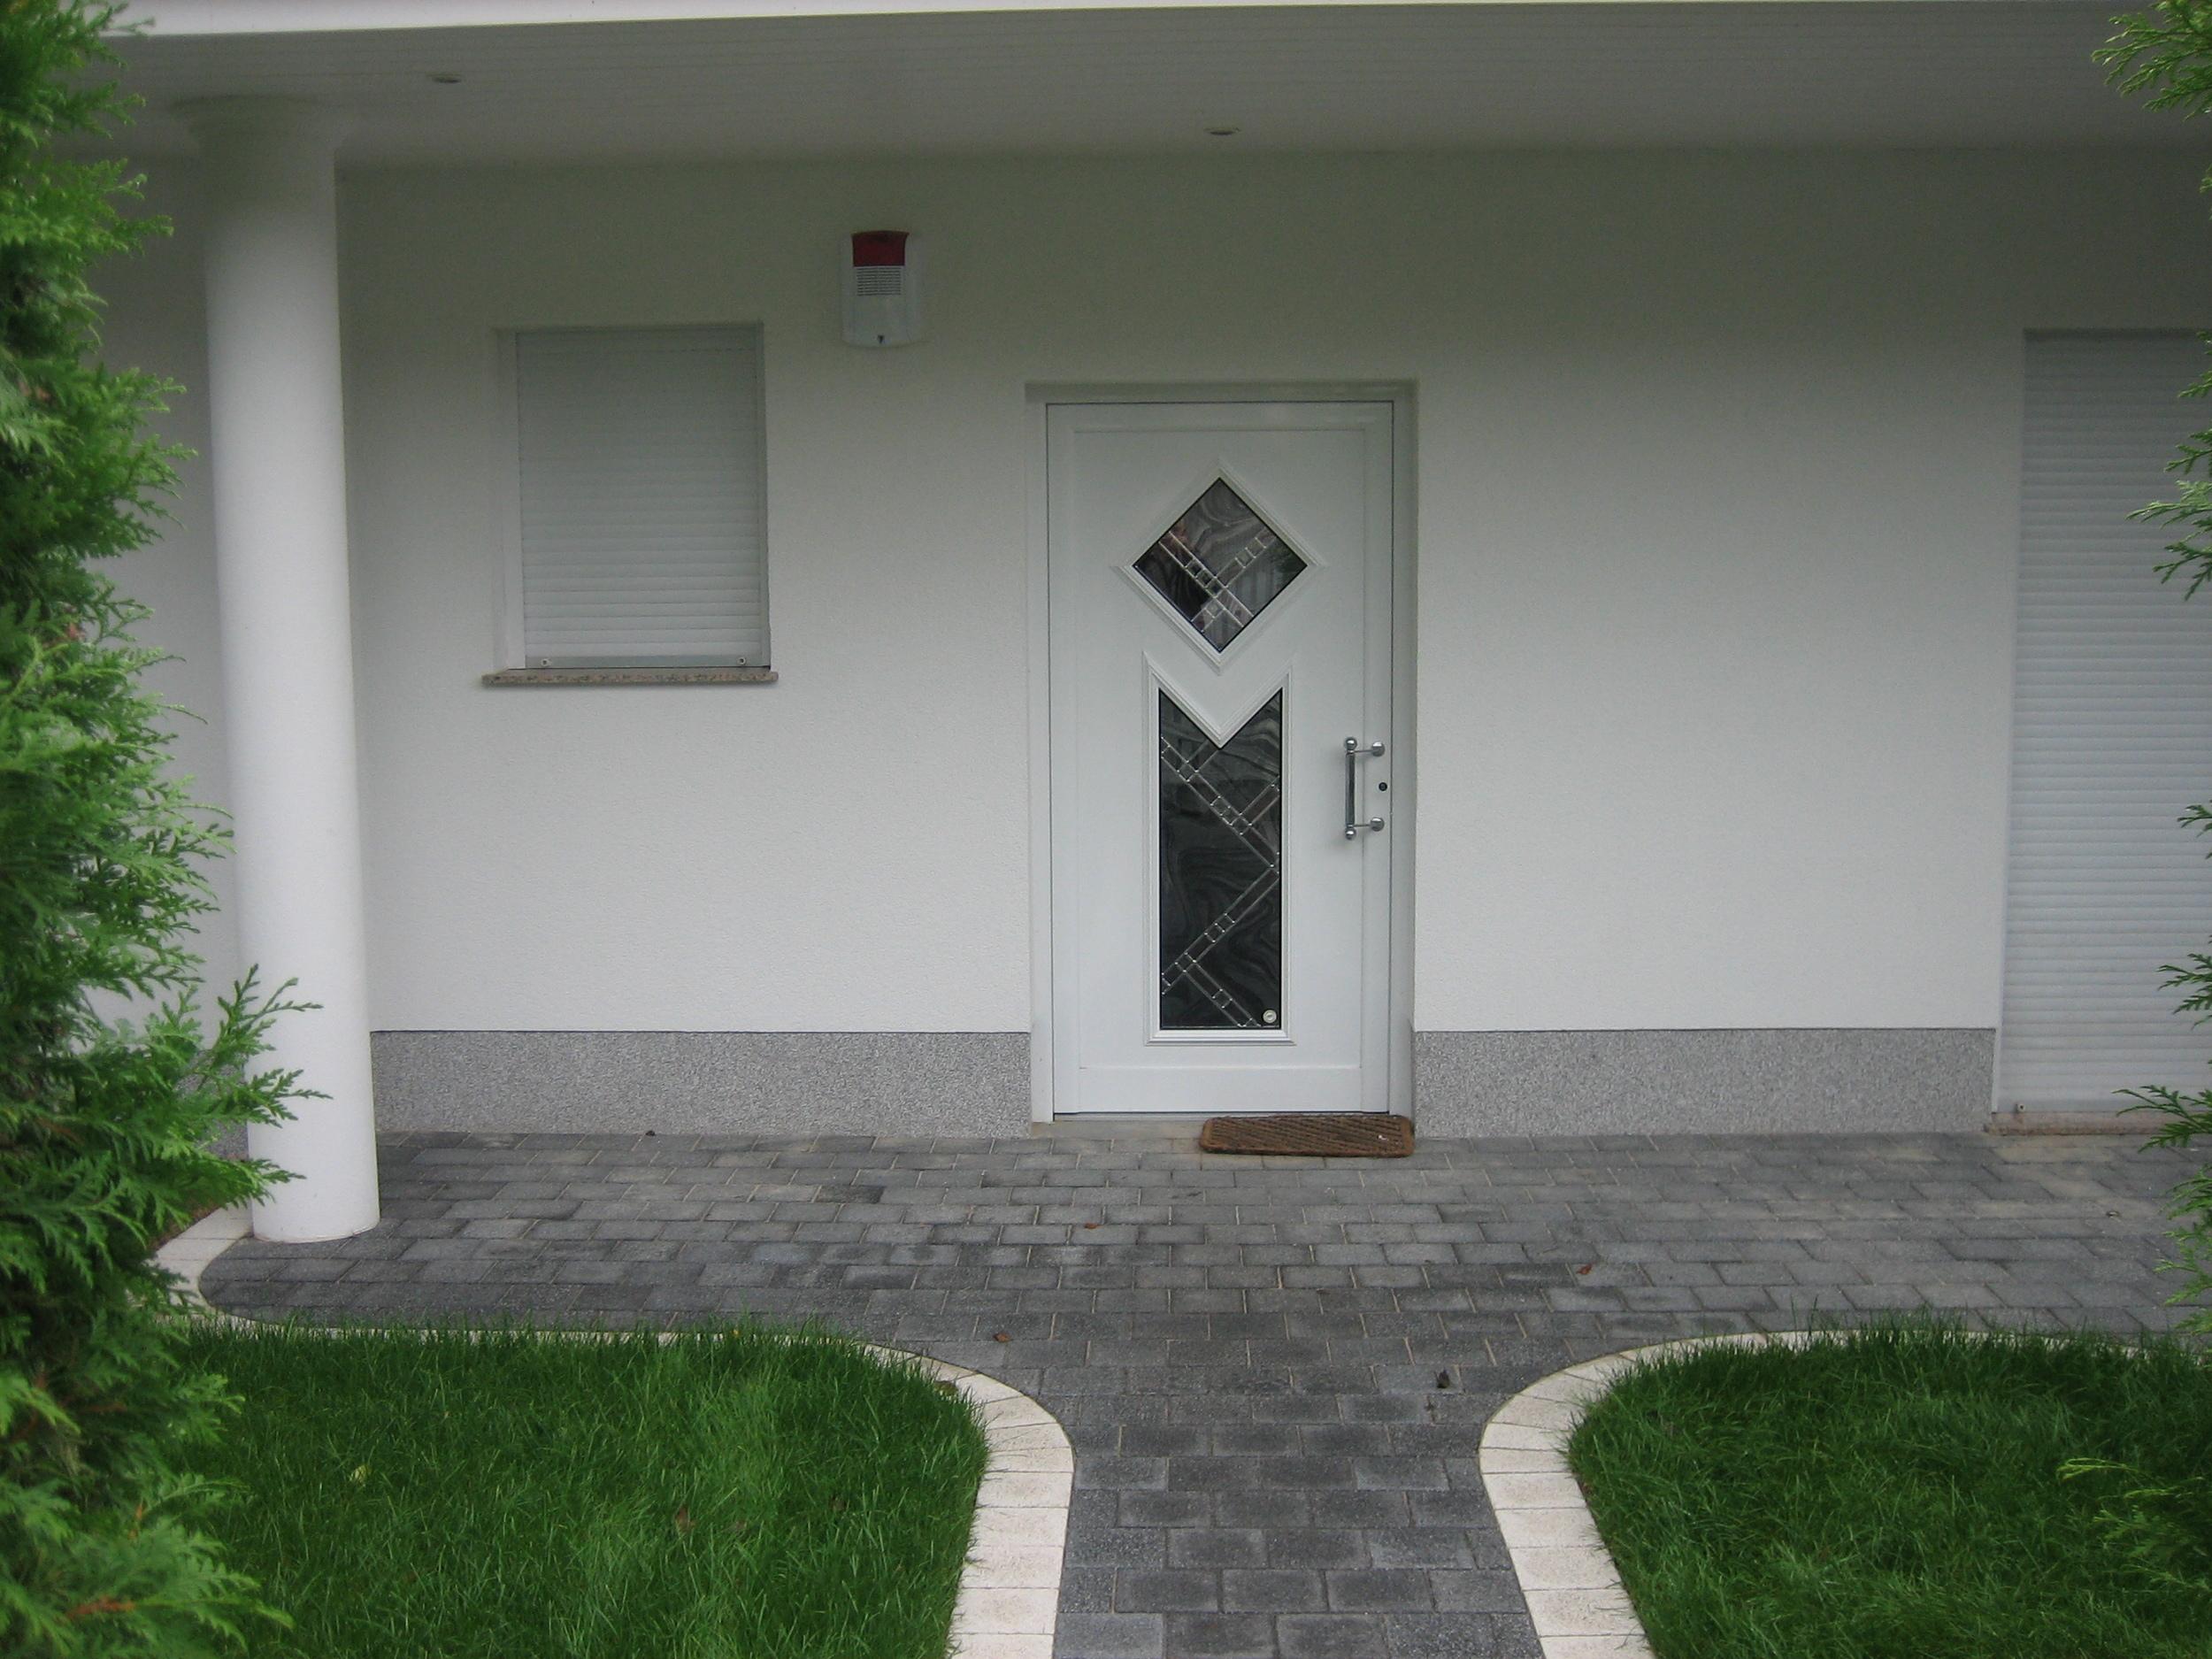 Eingang IMG_2443.JPG